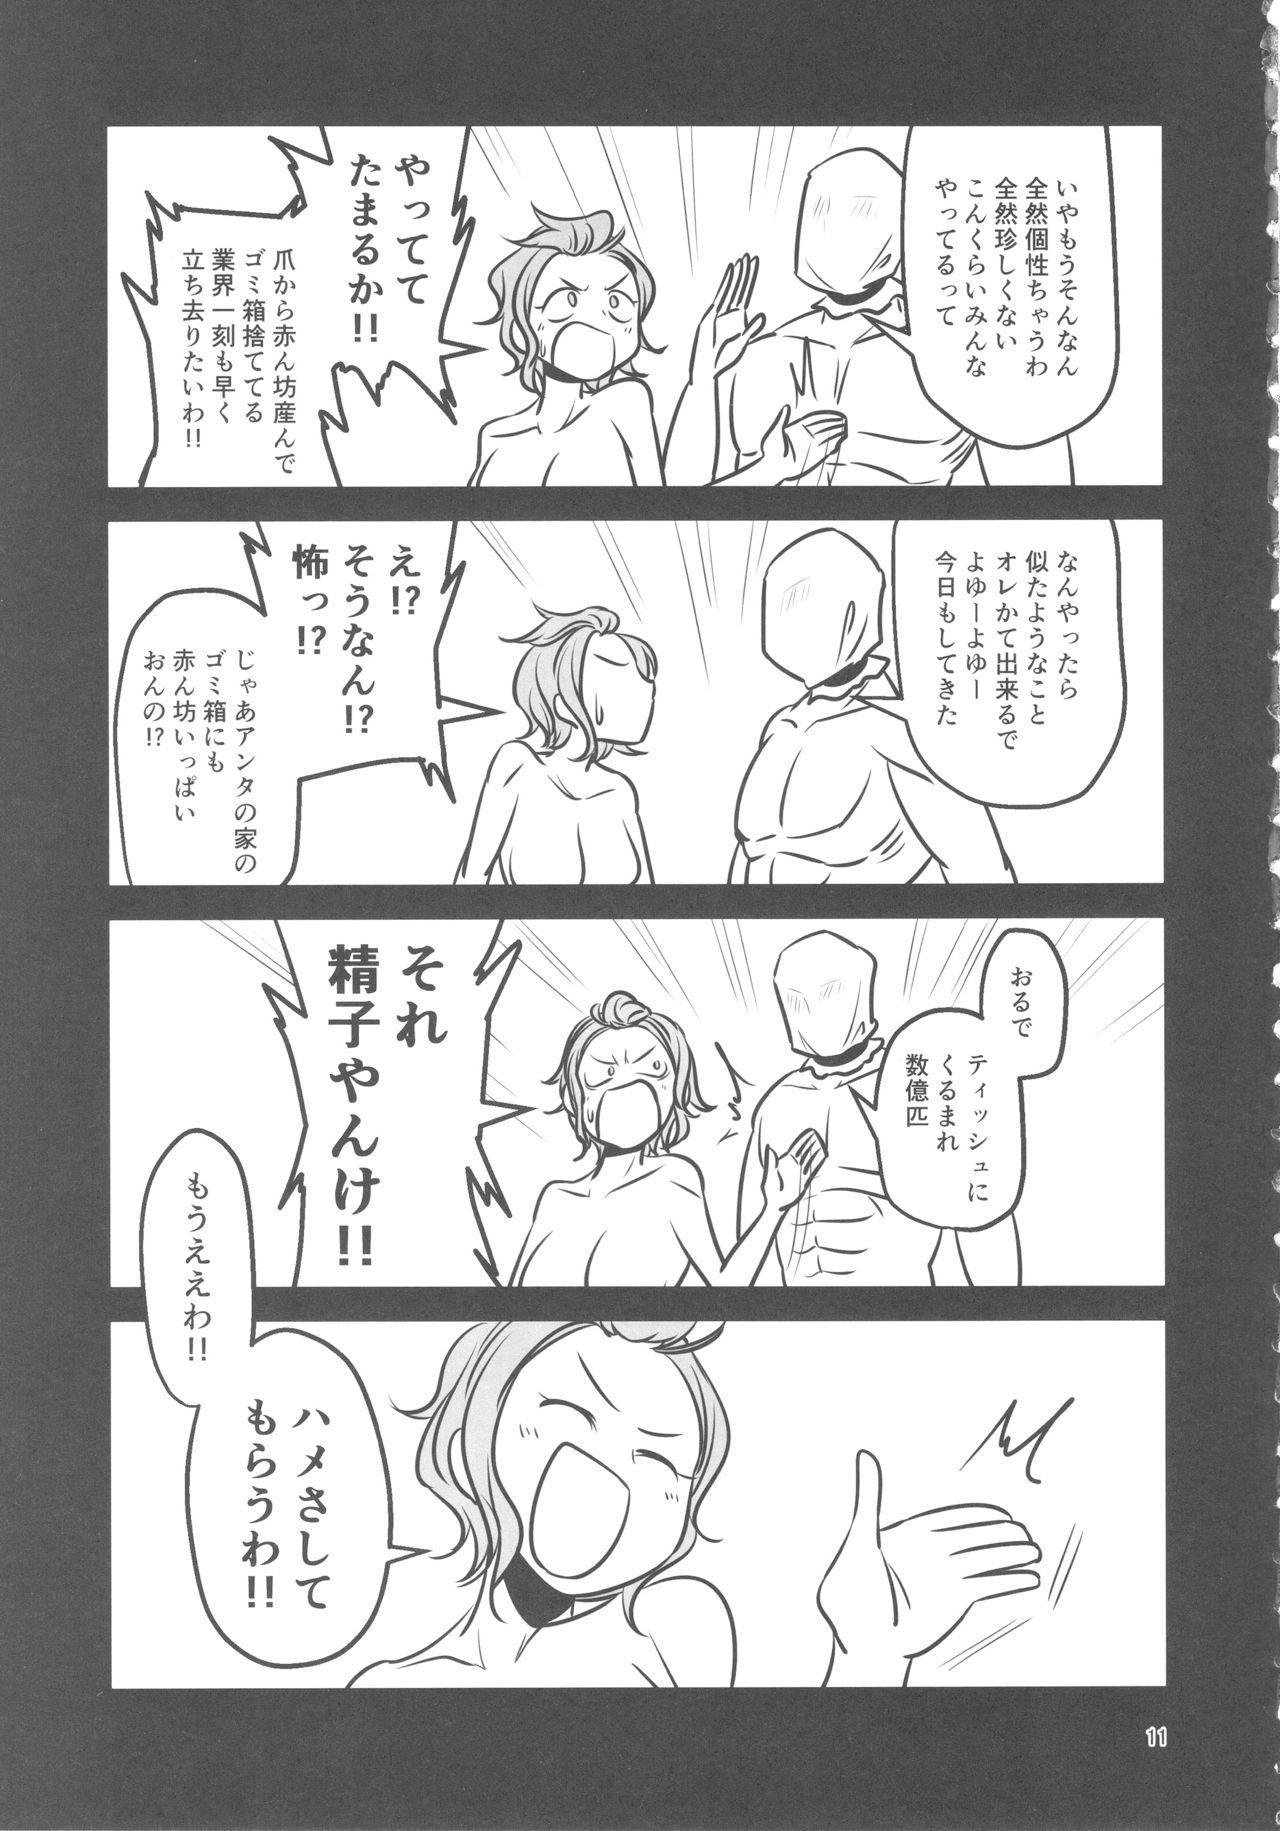 Mou Eewa! Hame Sashite Morauwa! 10